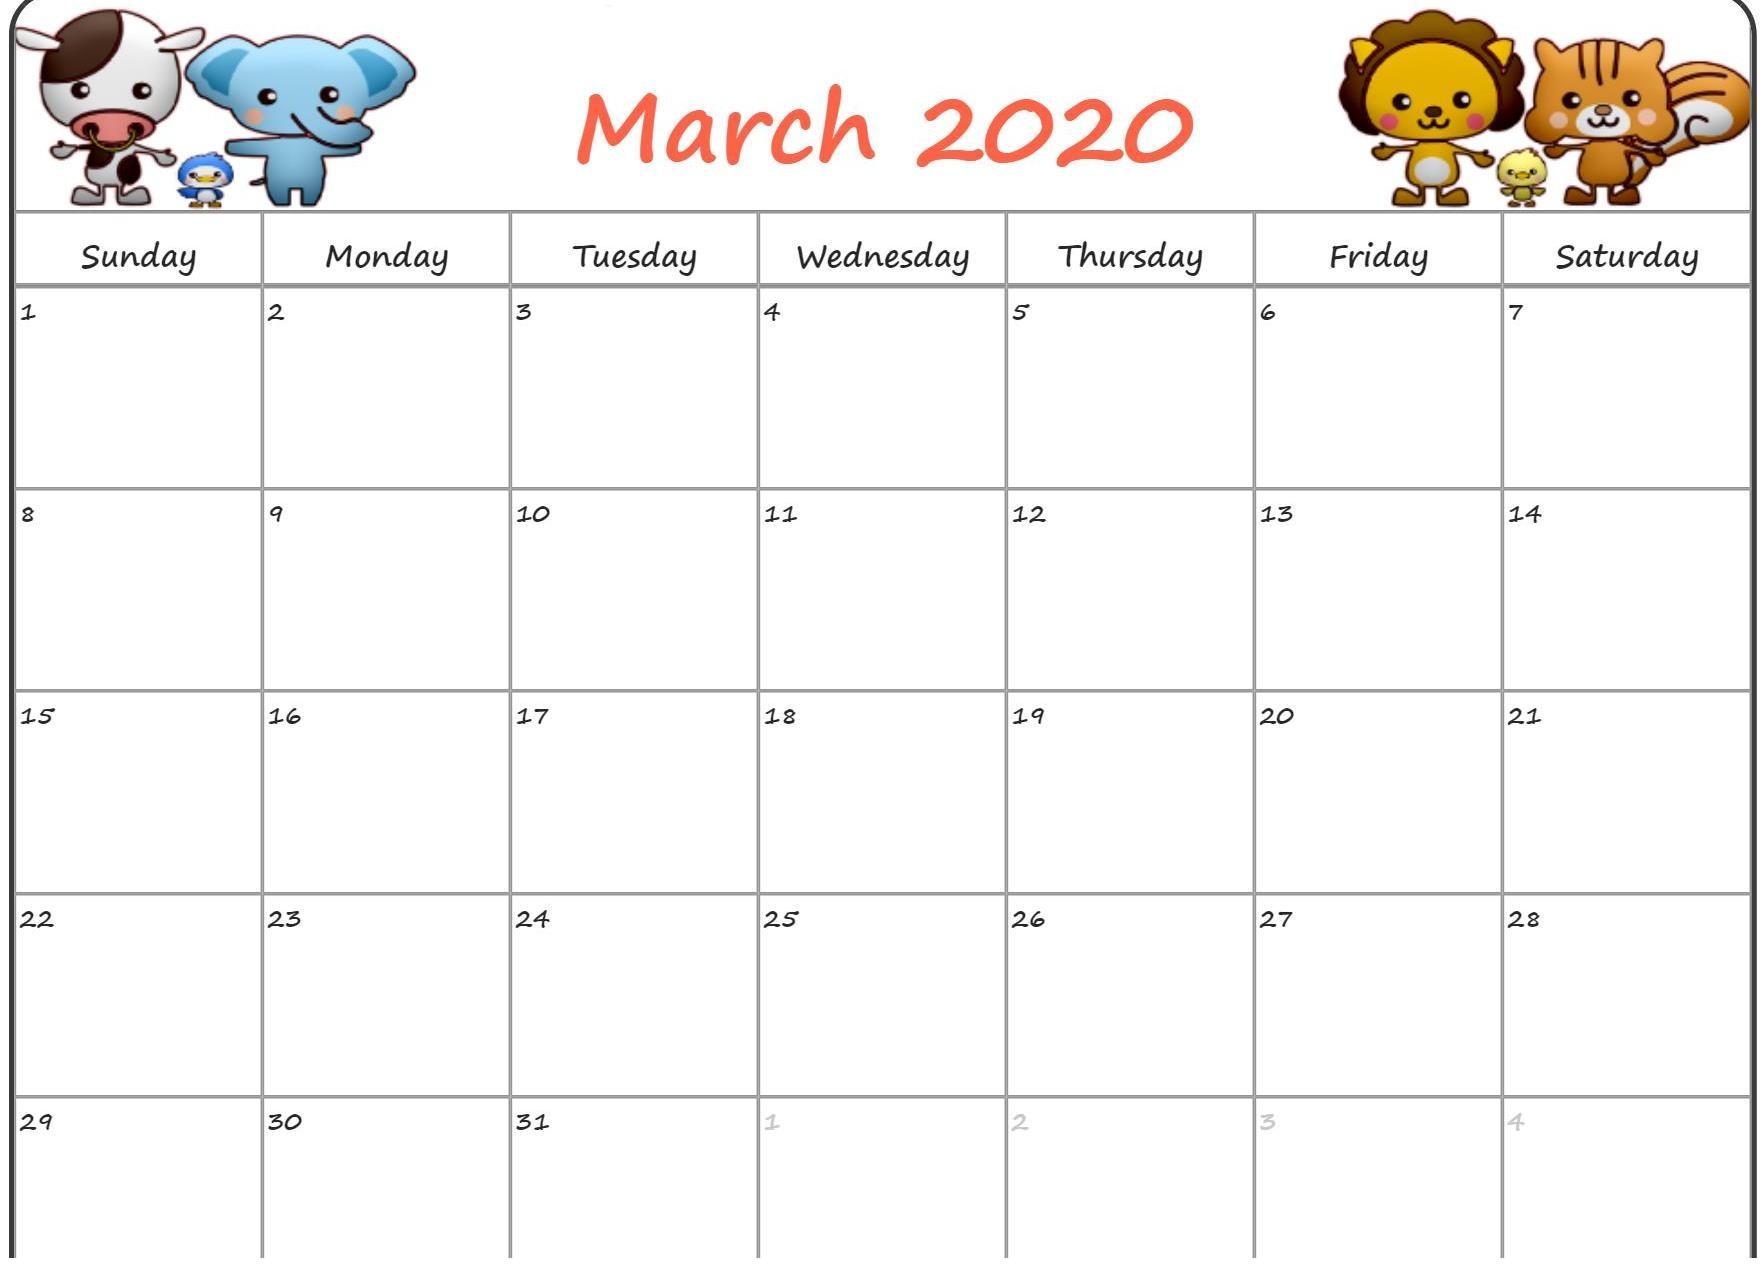 2020 March Calendar Wallpaper